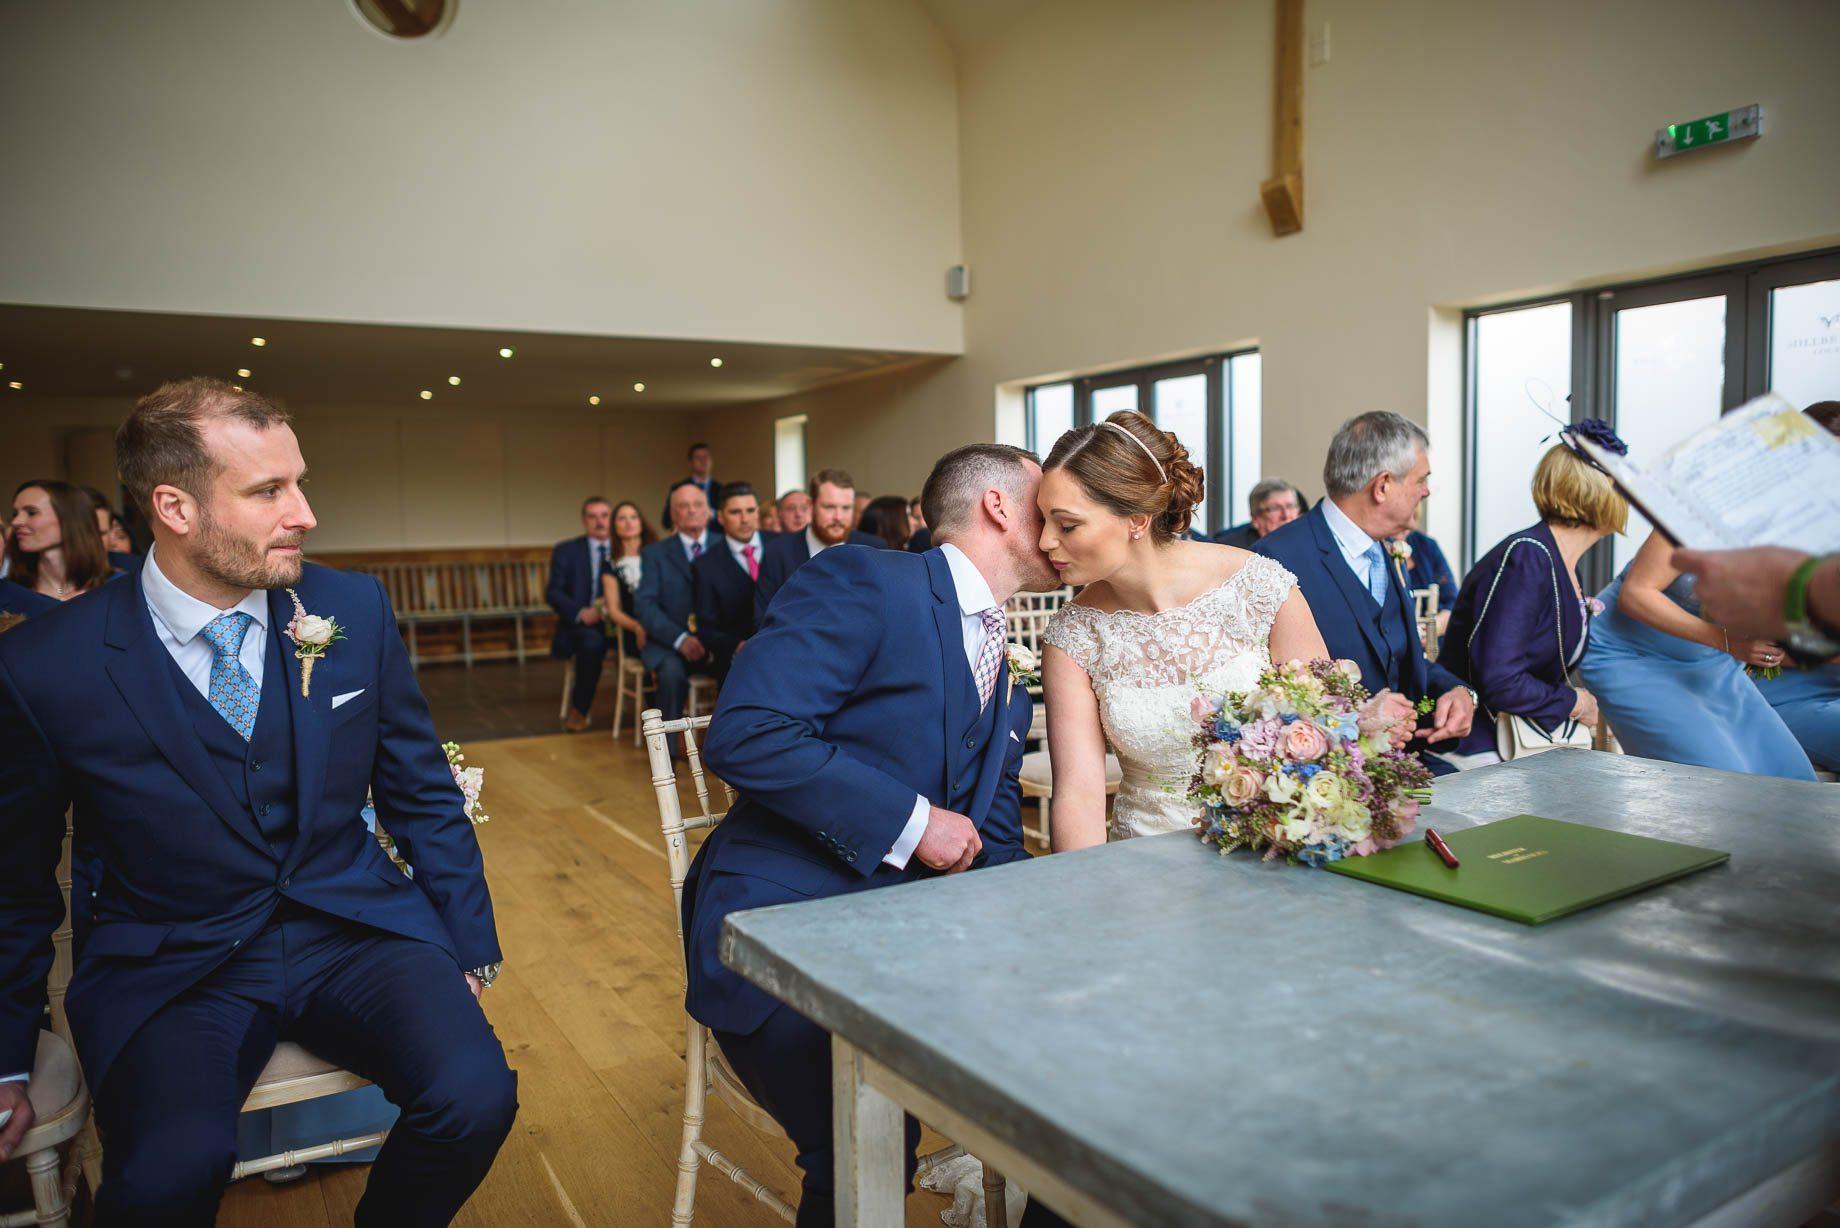 Millbridge Court Wedding Photography - Lisa and Daniel (58 of 173)